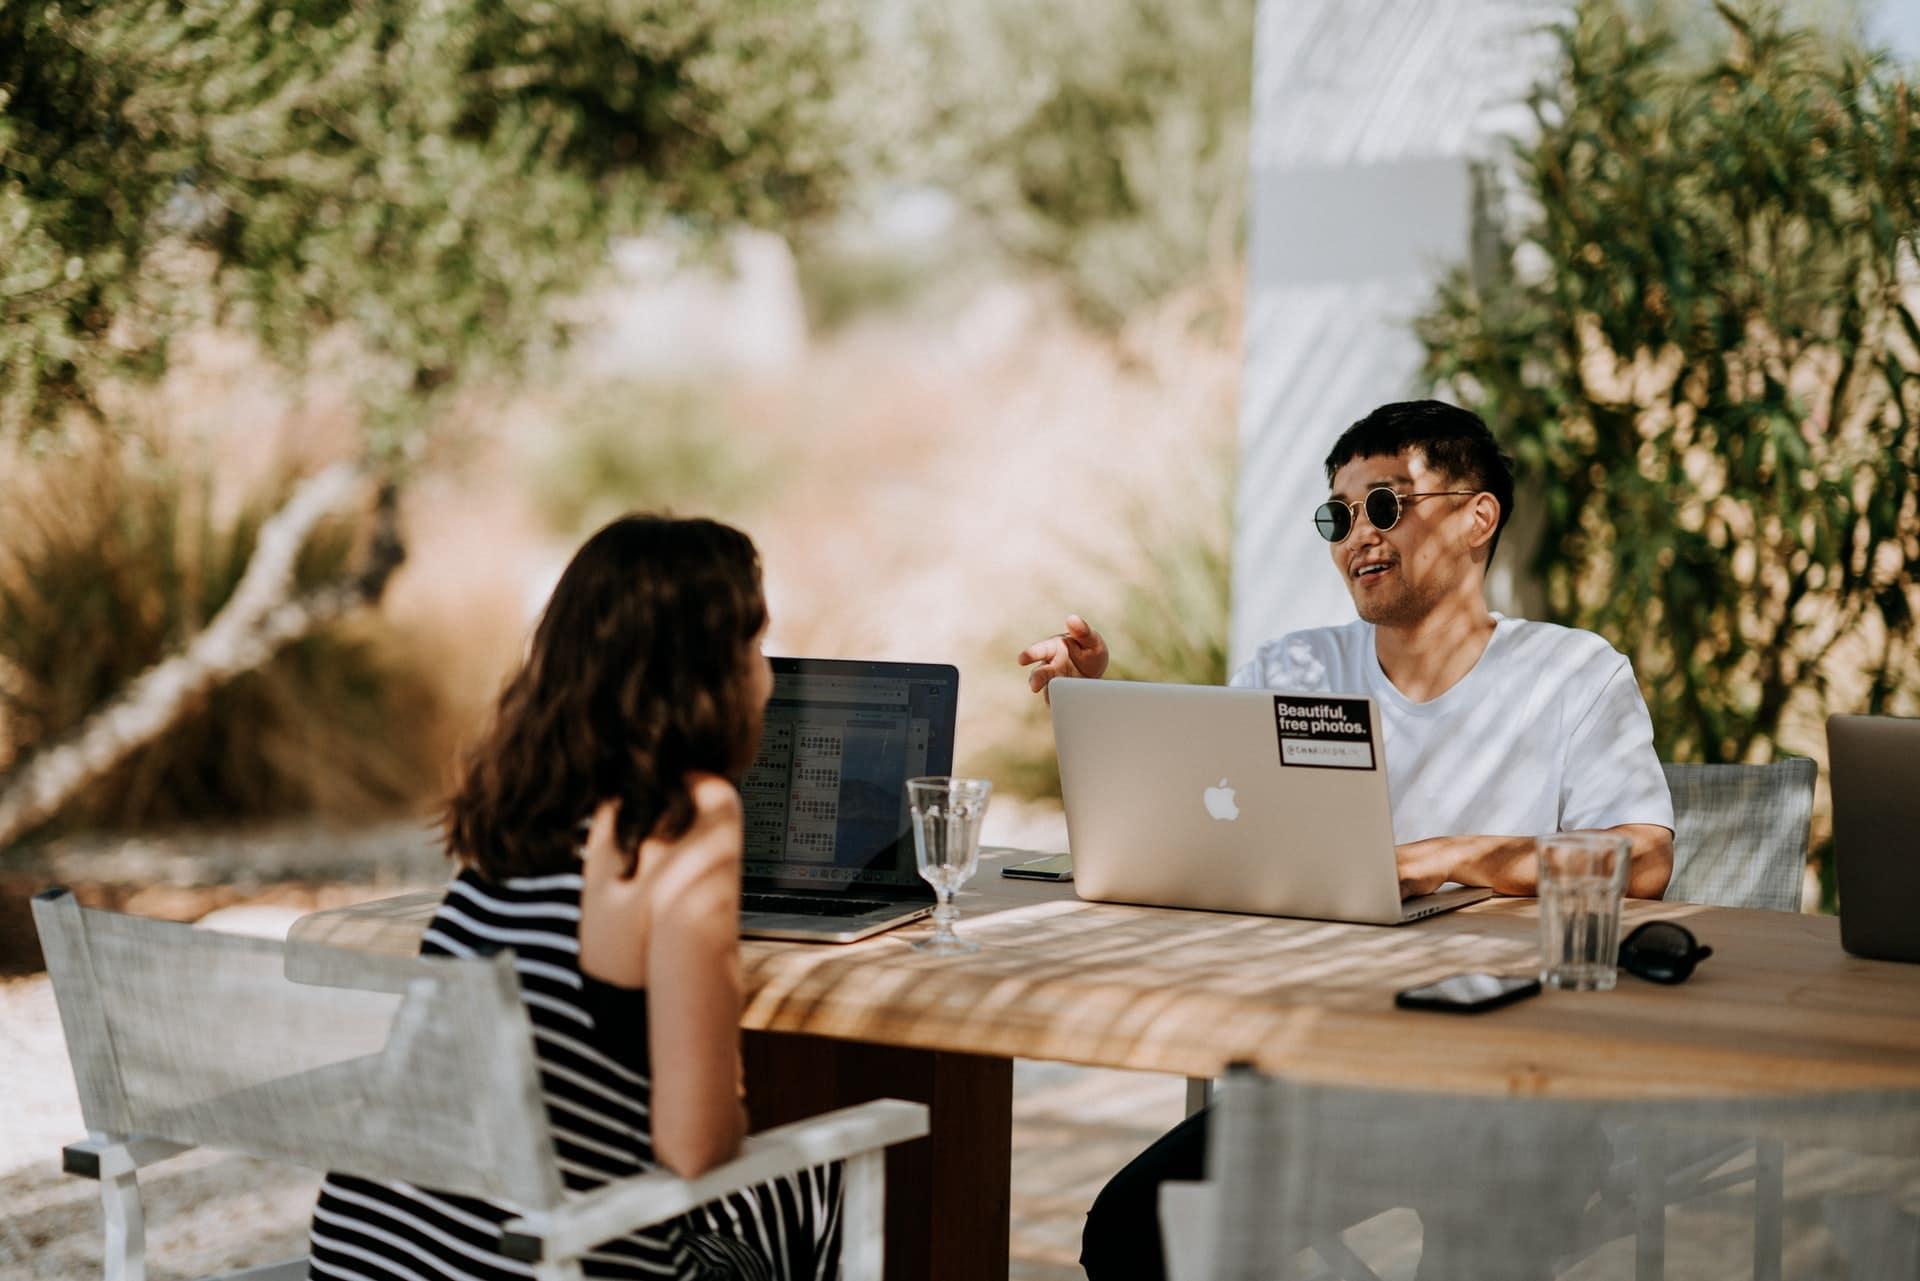 duas pessoas a trabalhar com flexibilidade de horarios